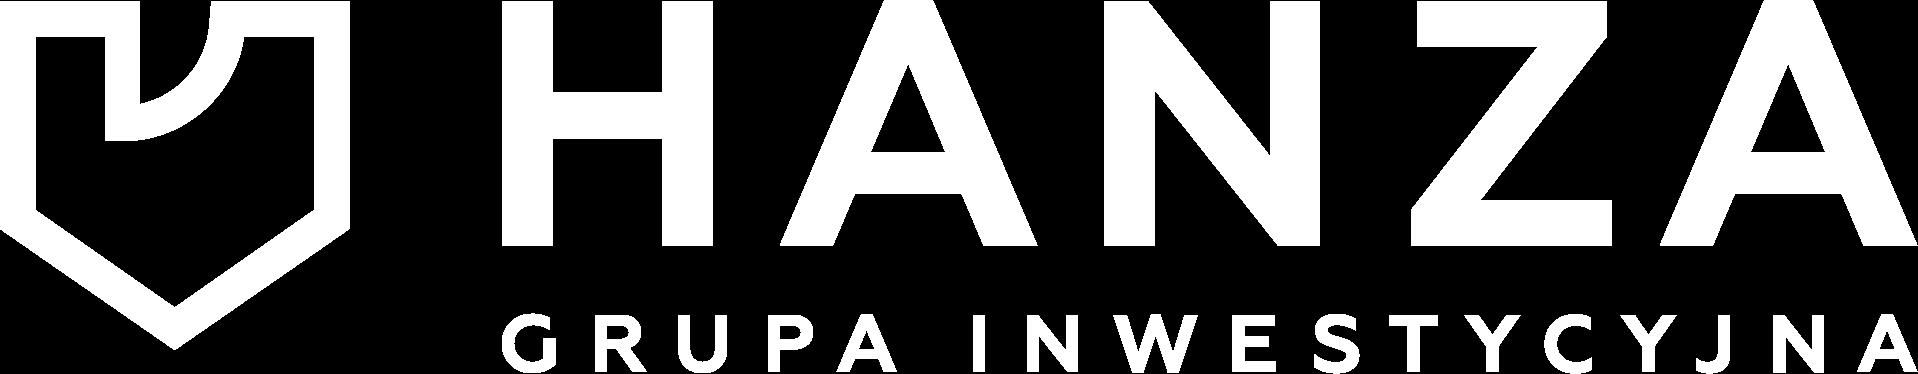 Hanza Grupa Inwestycyjna Logo